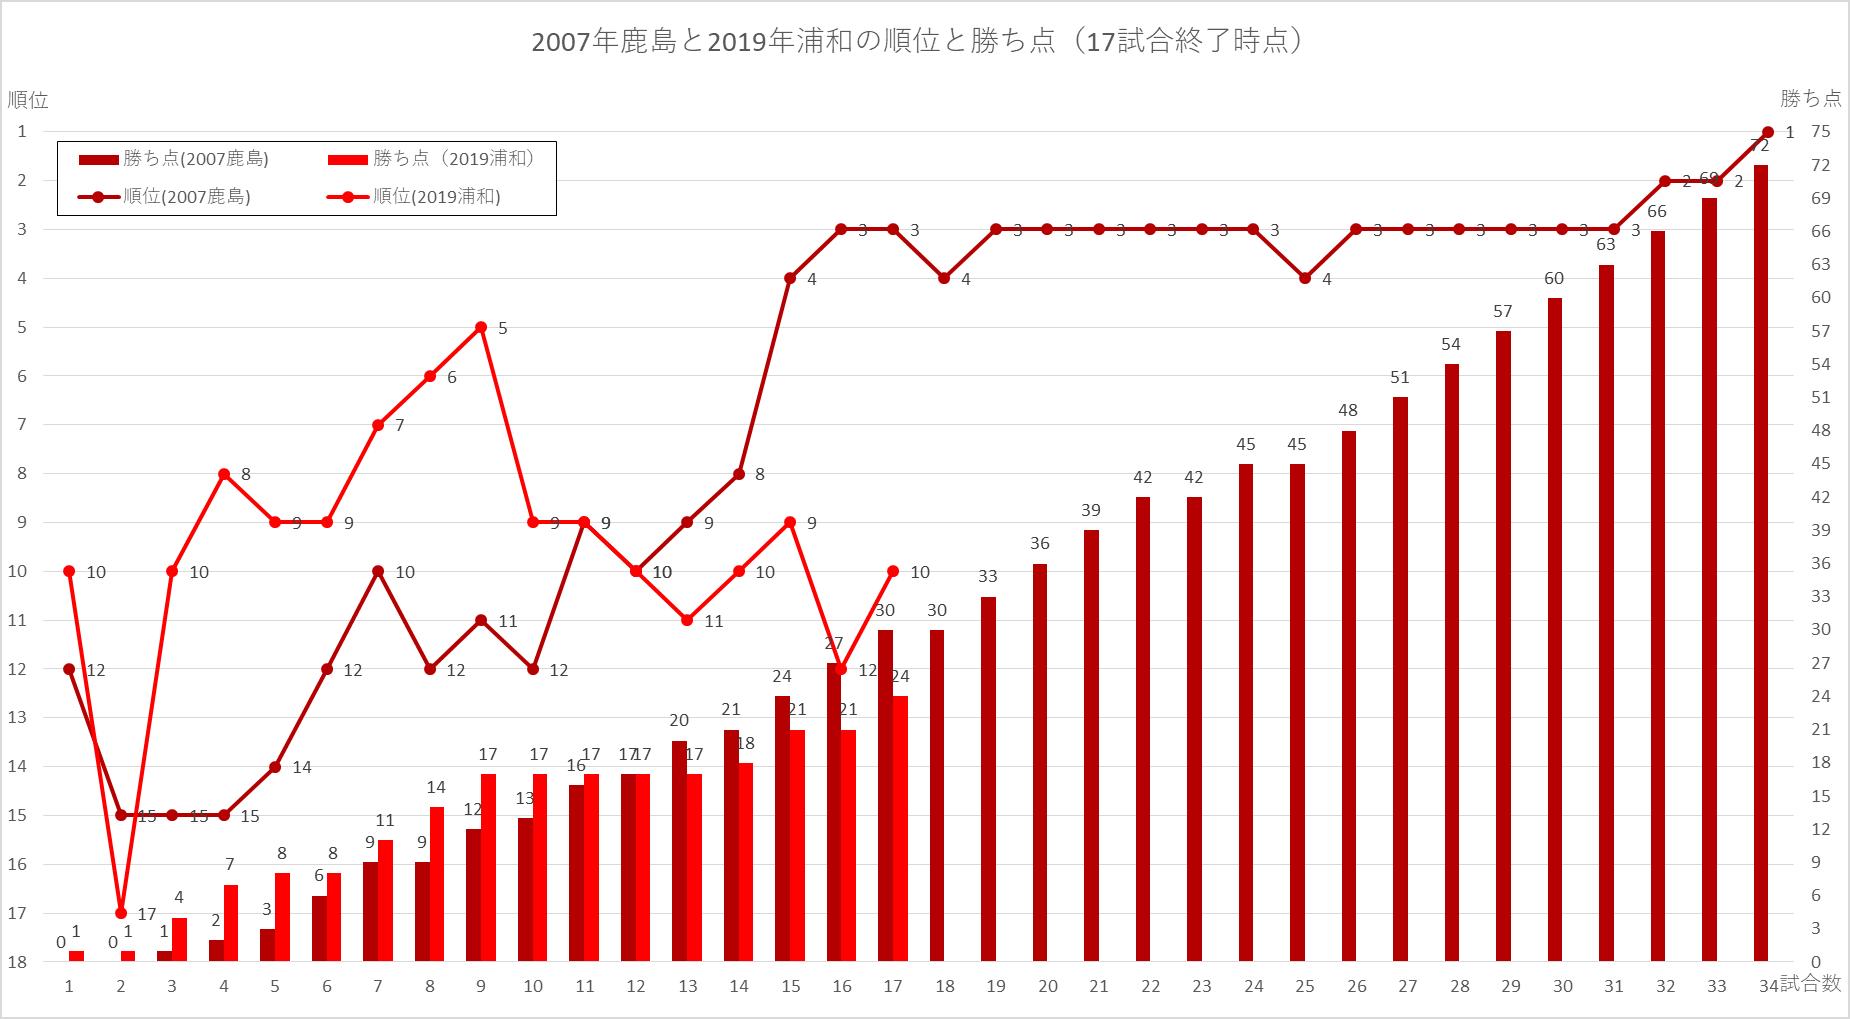 2007鹿島と2019浦和の順位と勝ち点の推移